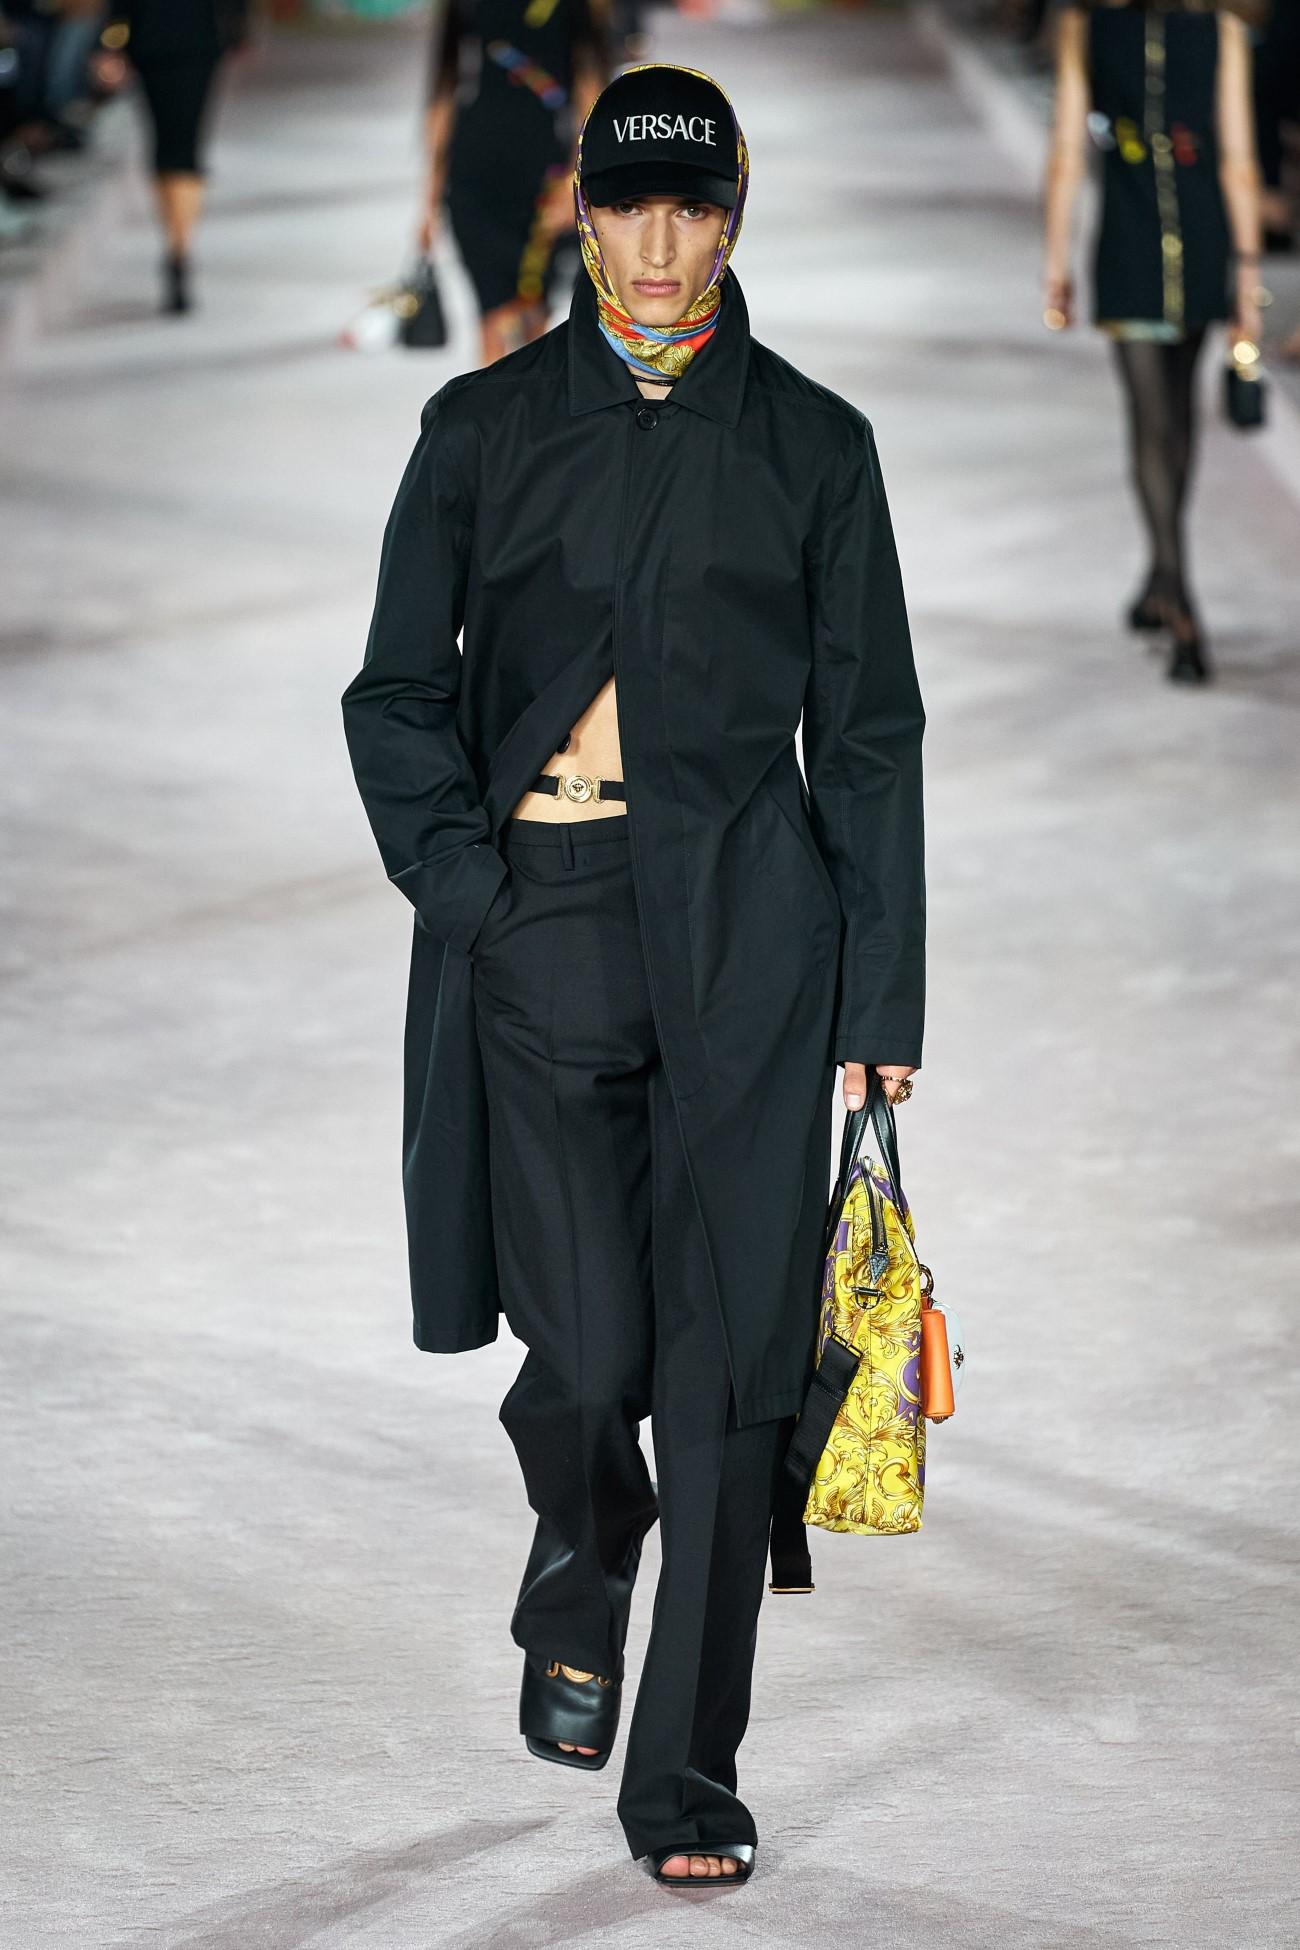 Versace - Printemps-Été 2022 - Milan Fashion Week